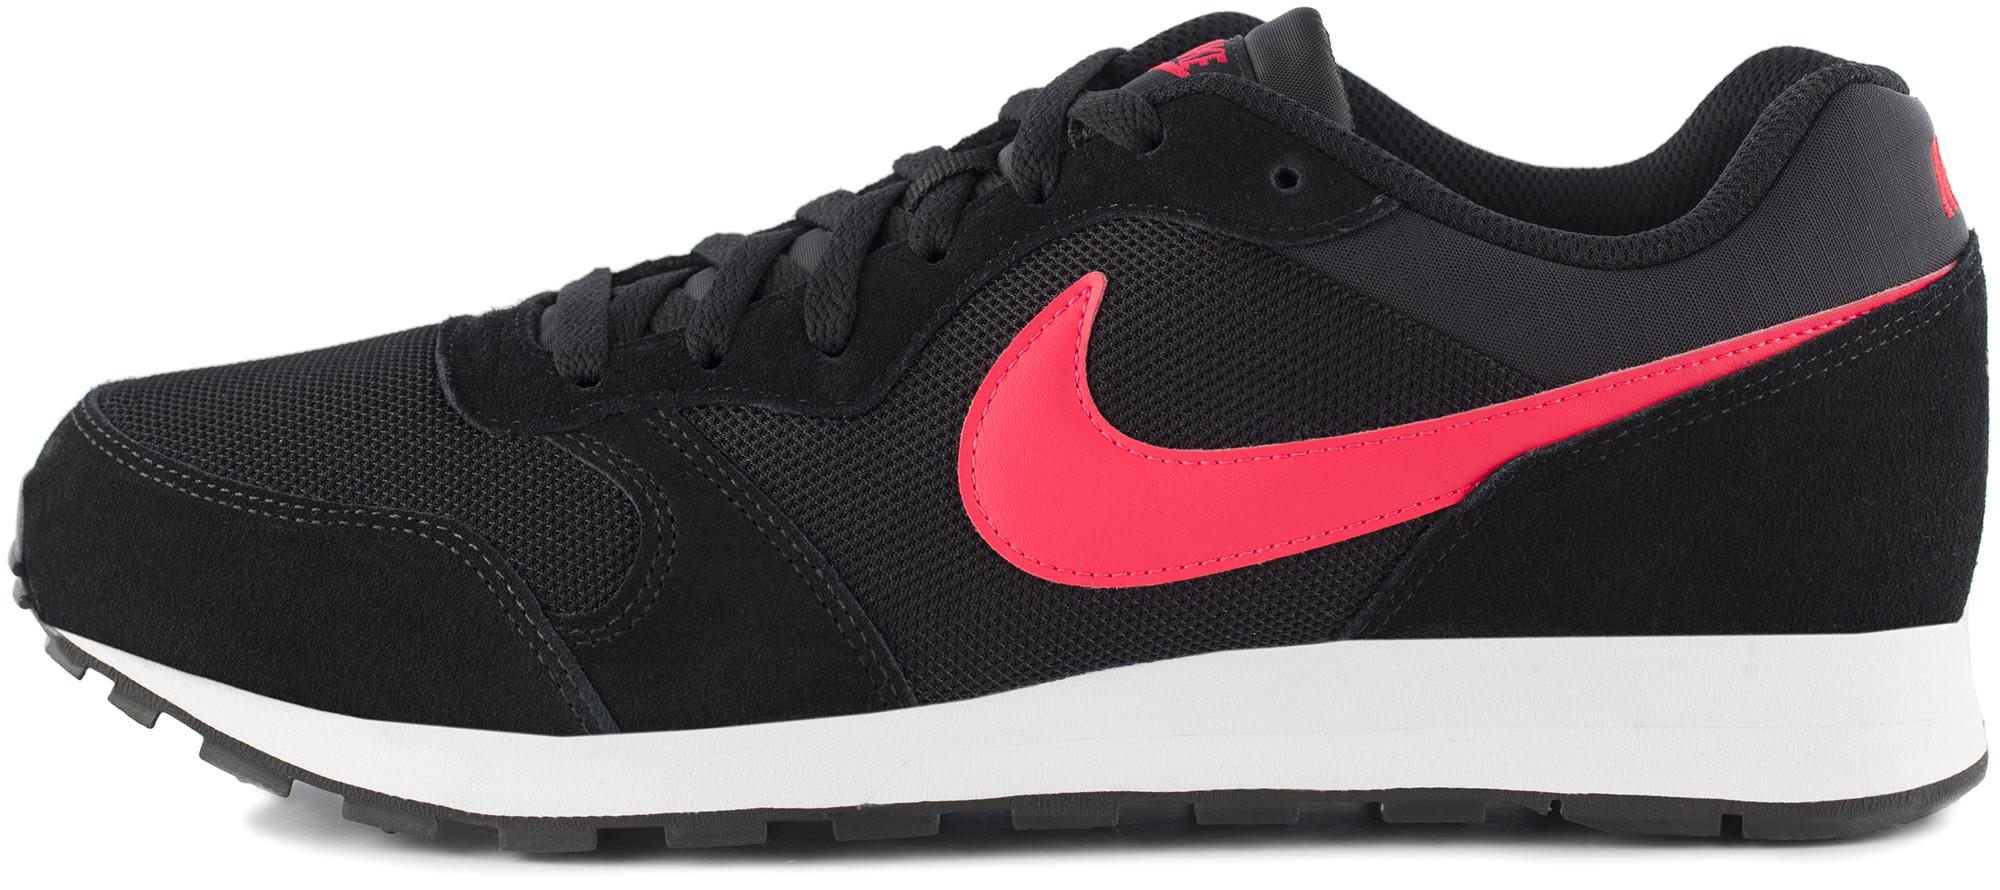 цена Nike Кроссовки мужские Nike MD Runner 2, размер 45 онлайн в 2017 году